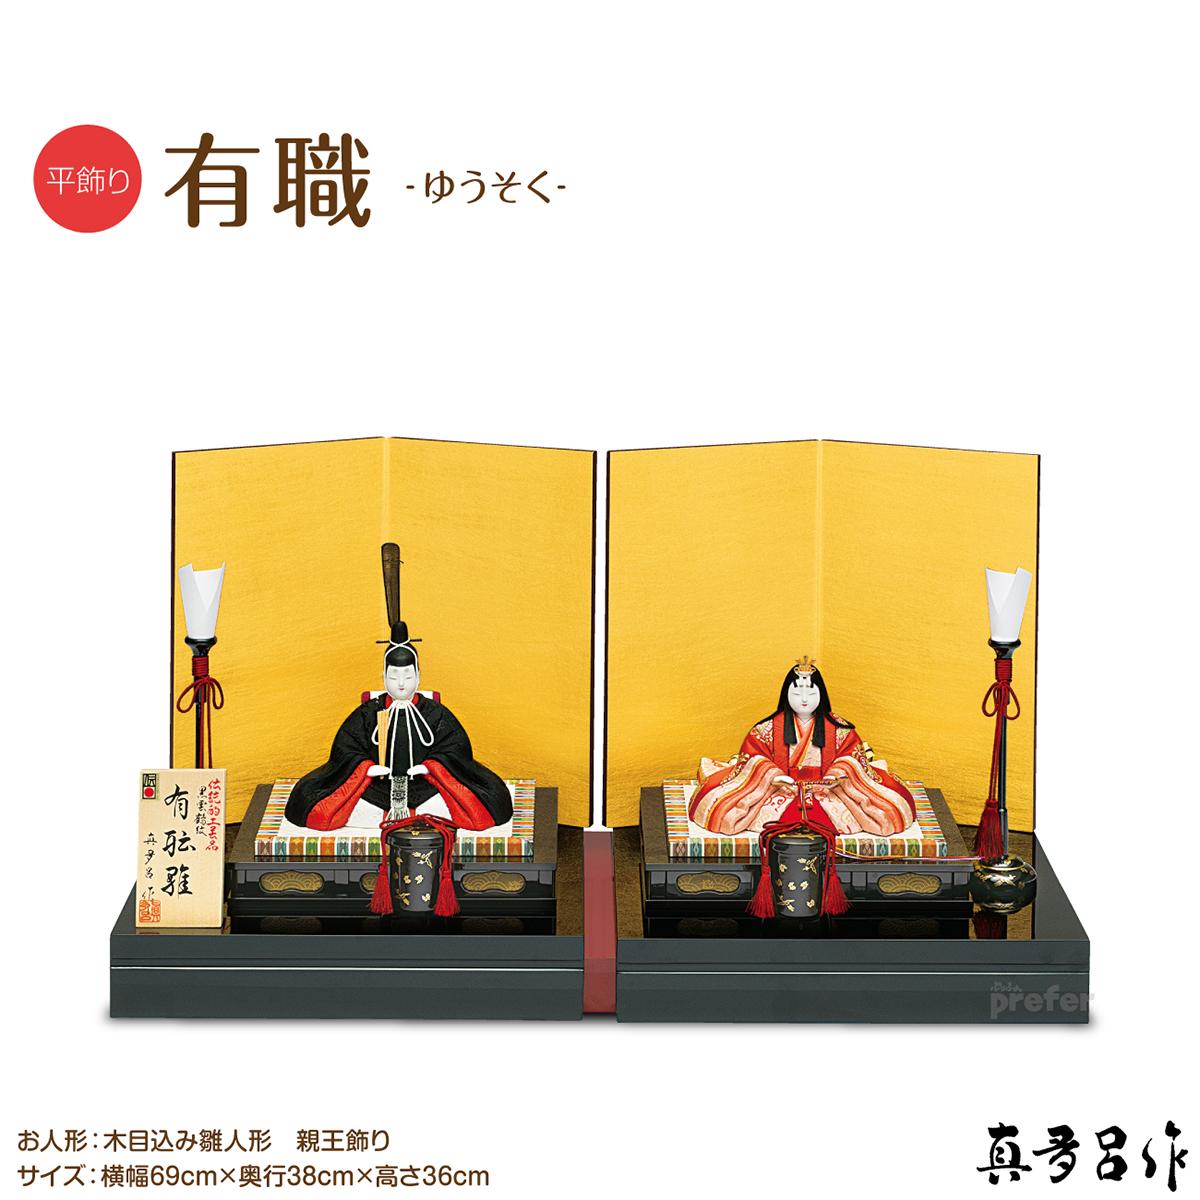 ひな人形 真多呂人形 木目込み雛人形 有職(ゆうそく) 平飾り おひな様 ひな祭り